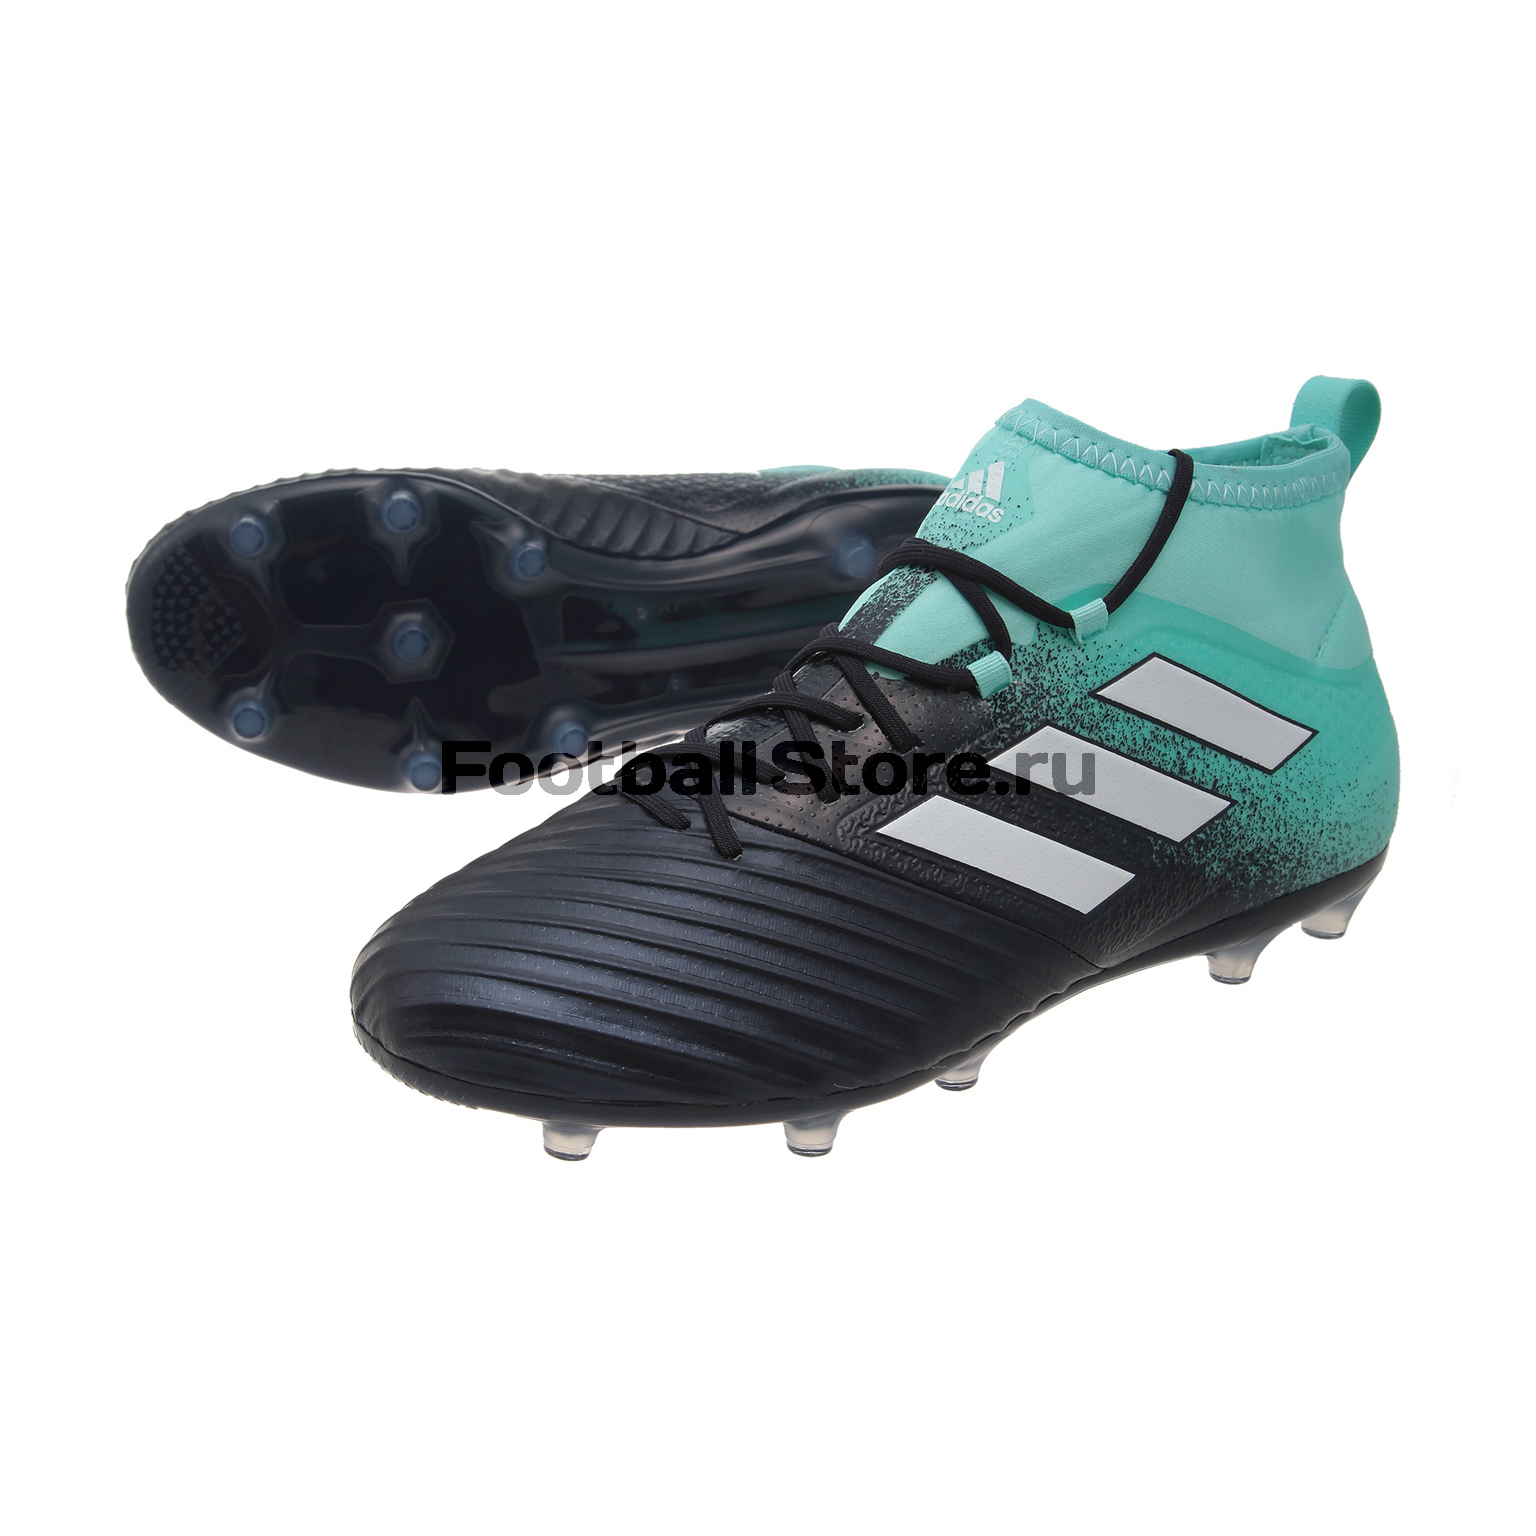 Игровые бутсы Adidas Бутсы Adidas Ace 17.2 FG S77055 adidas бутсы adidas ace 16 3 fg leather aq4456